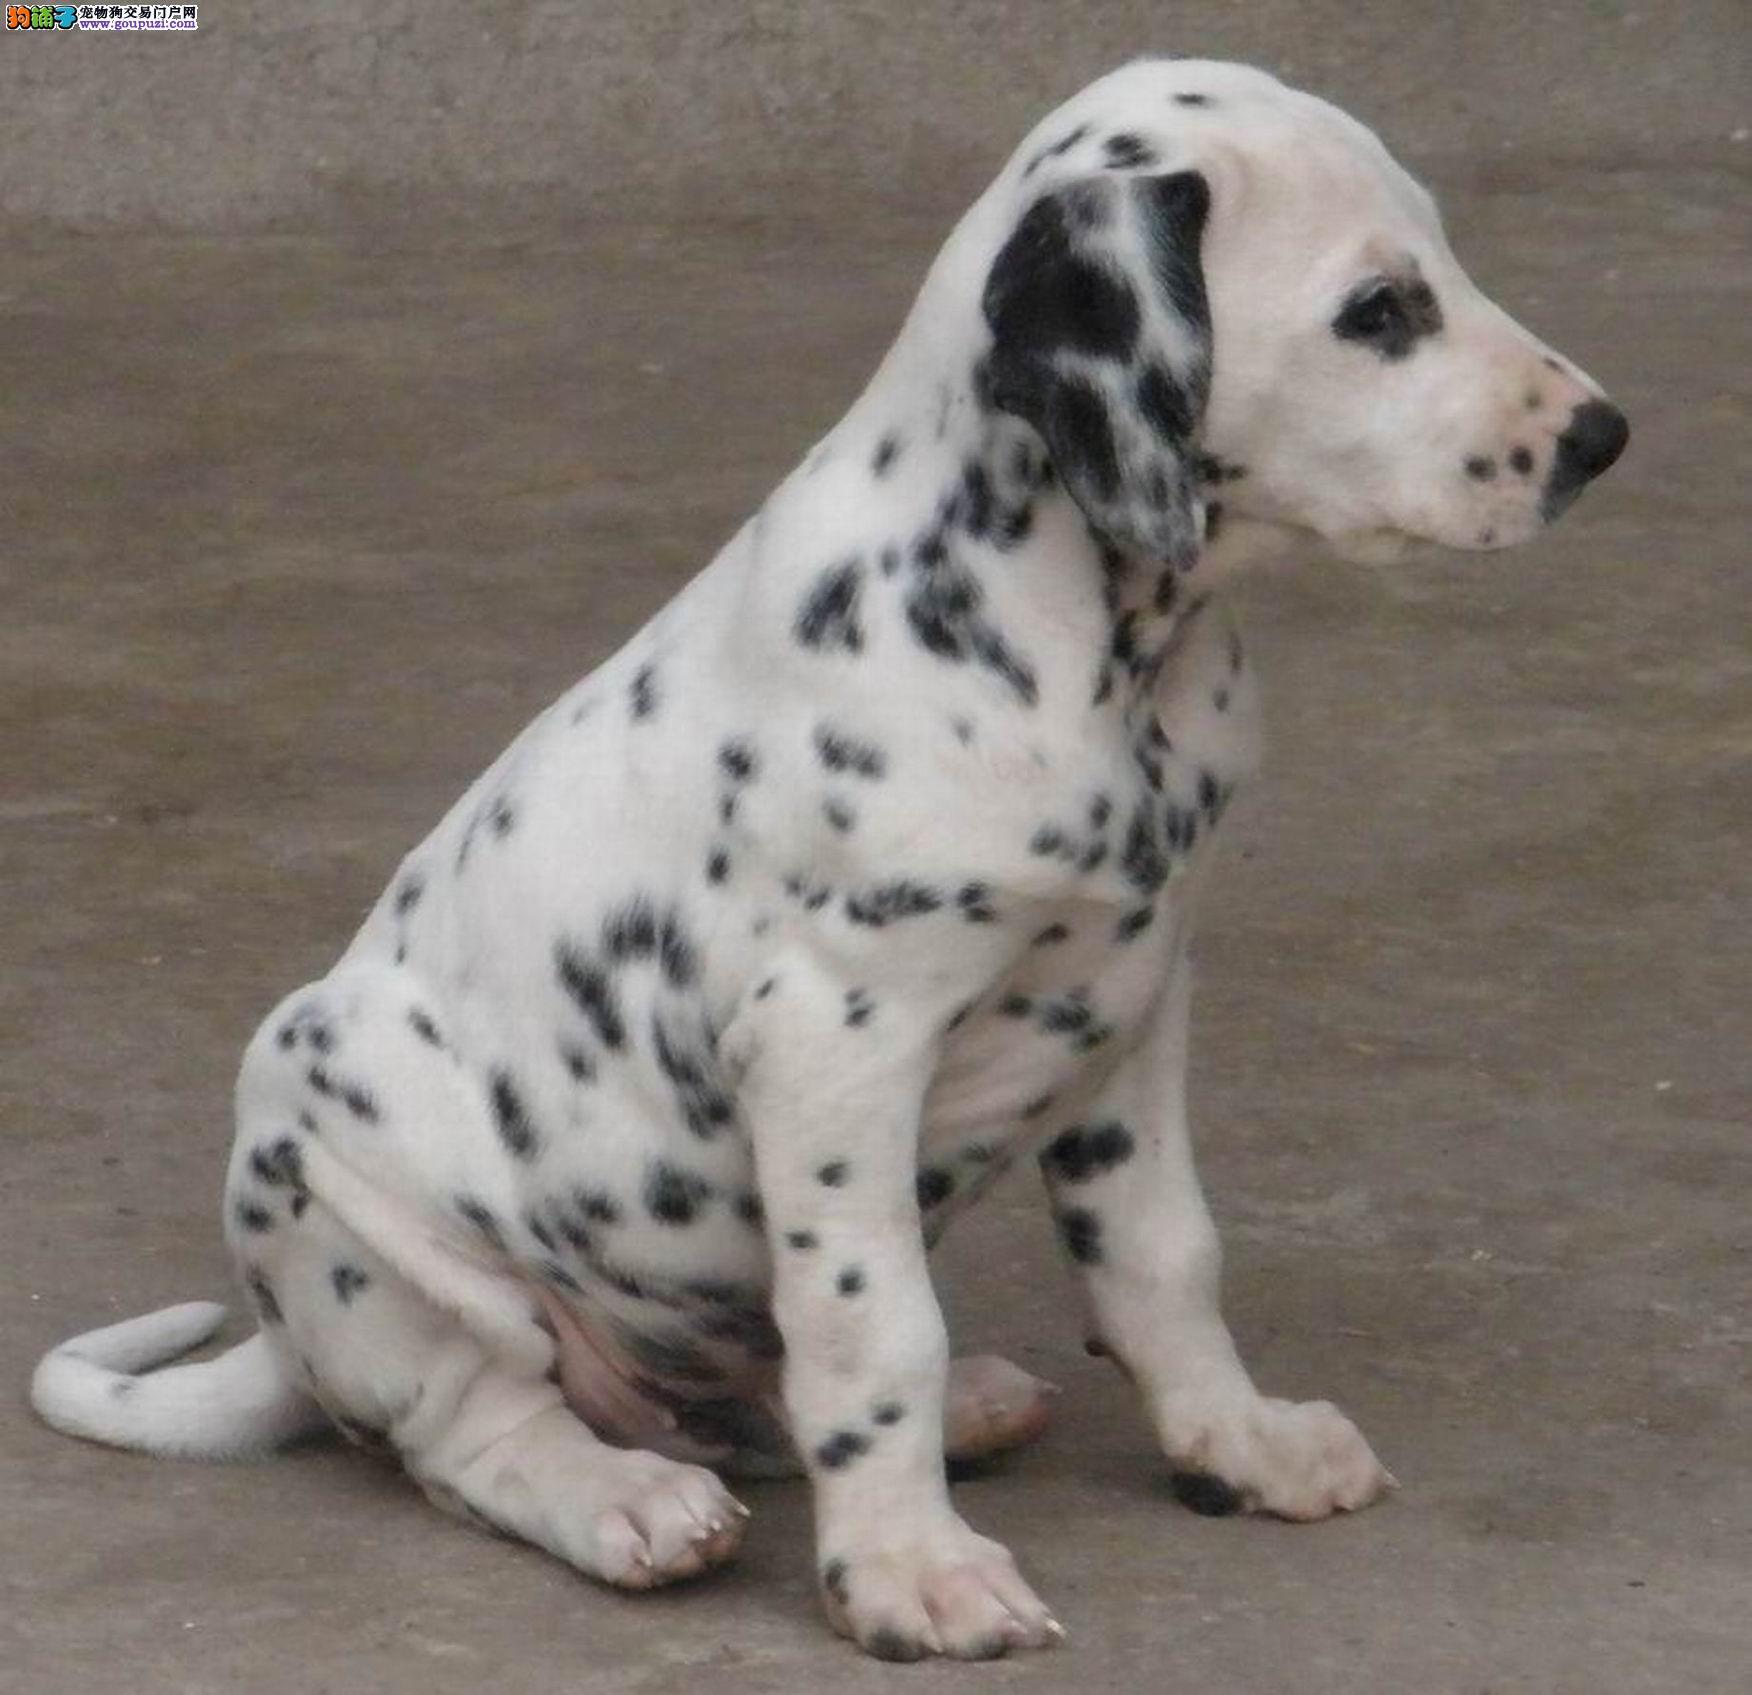 宜昌哪有卖斑点犬 斑点犬好养吗 斑点犬长多大 好养吗